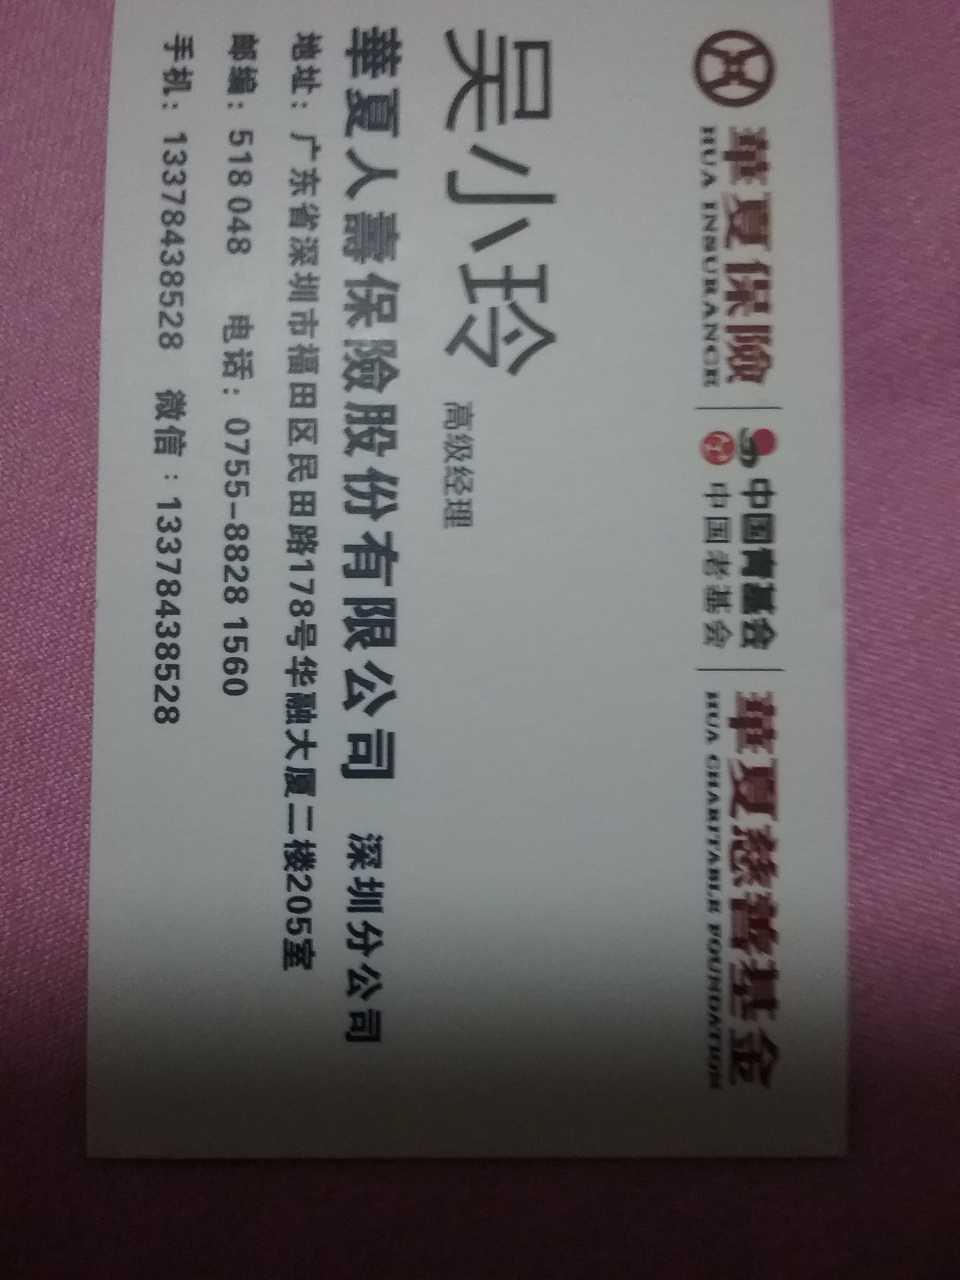 来自吴小玲发布的招聘信息:华夏保险7月最大筹备政策新聘 招聘岗位:... - 华夏人寿保险股份有限公司